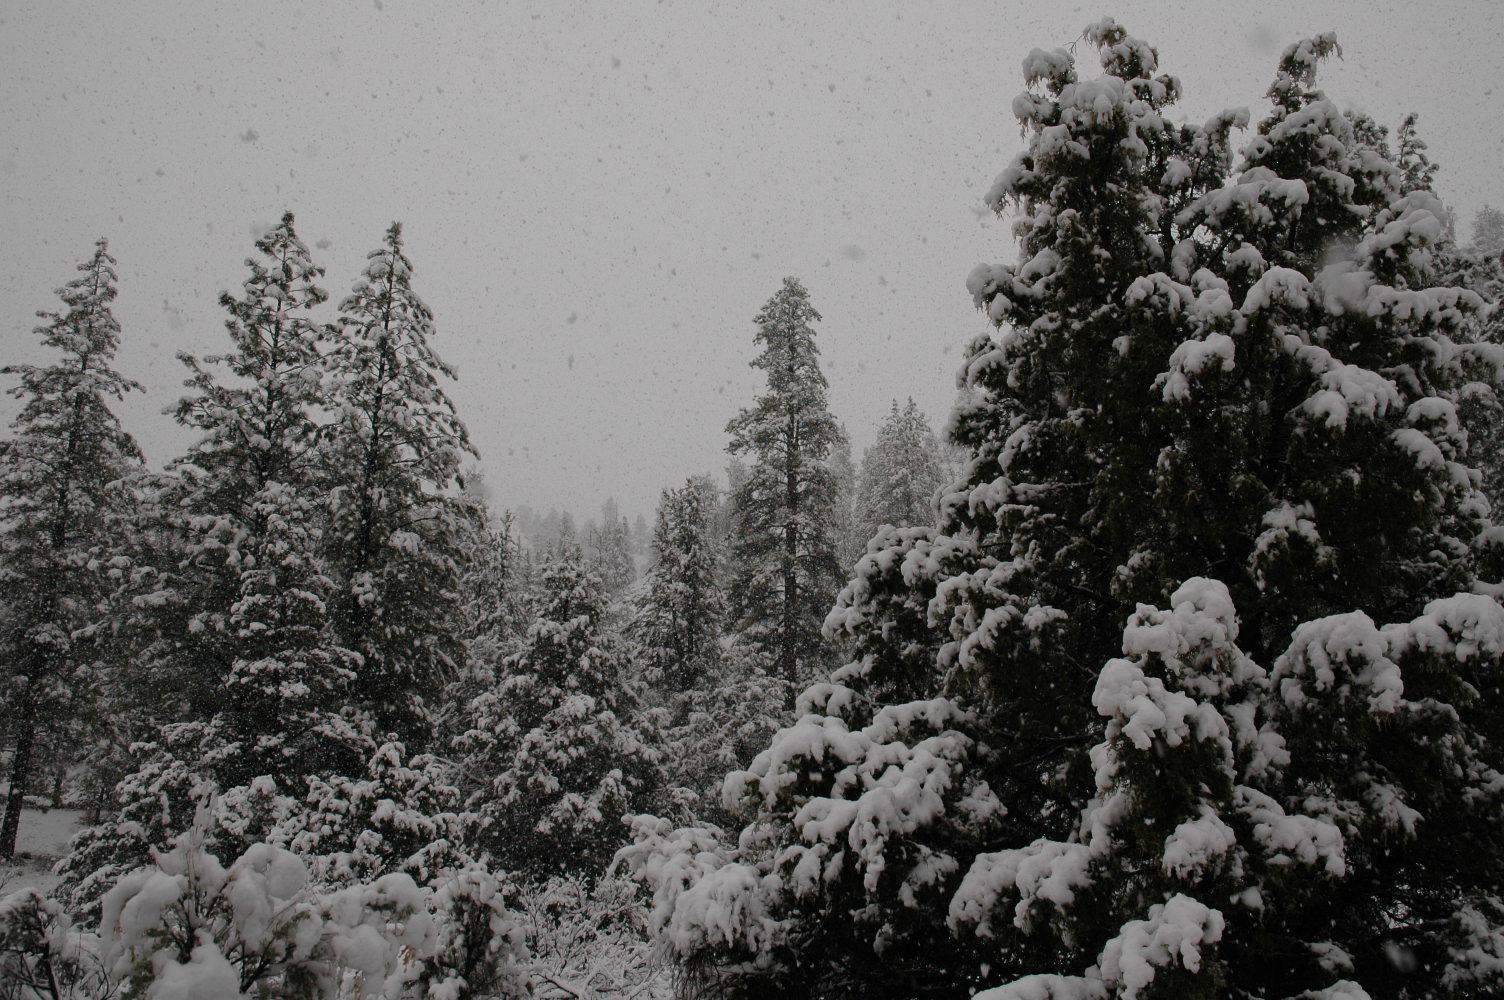 Huge snowflakes